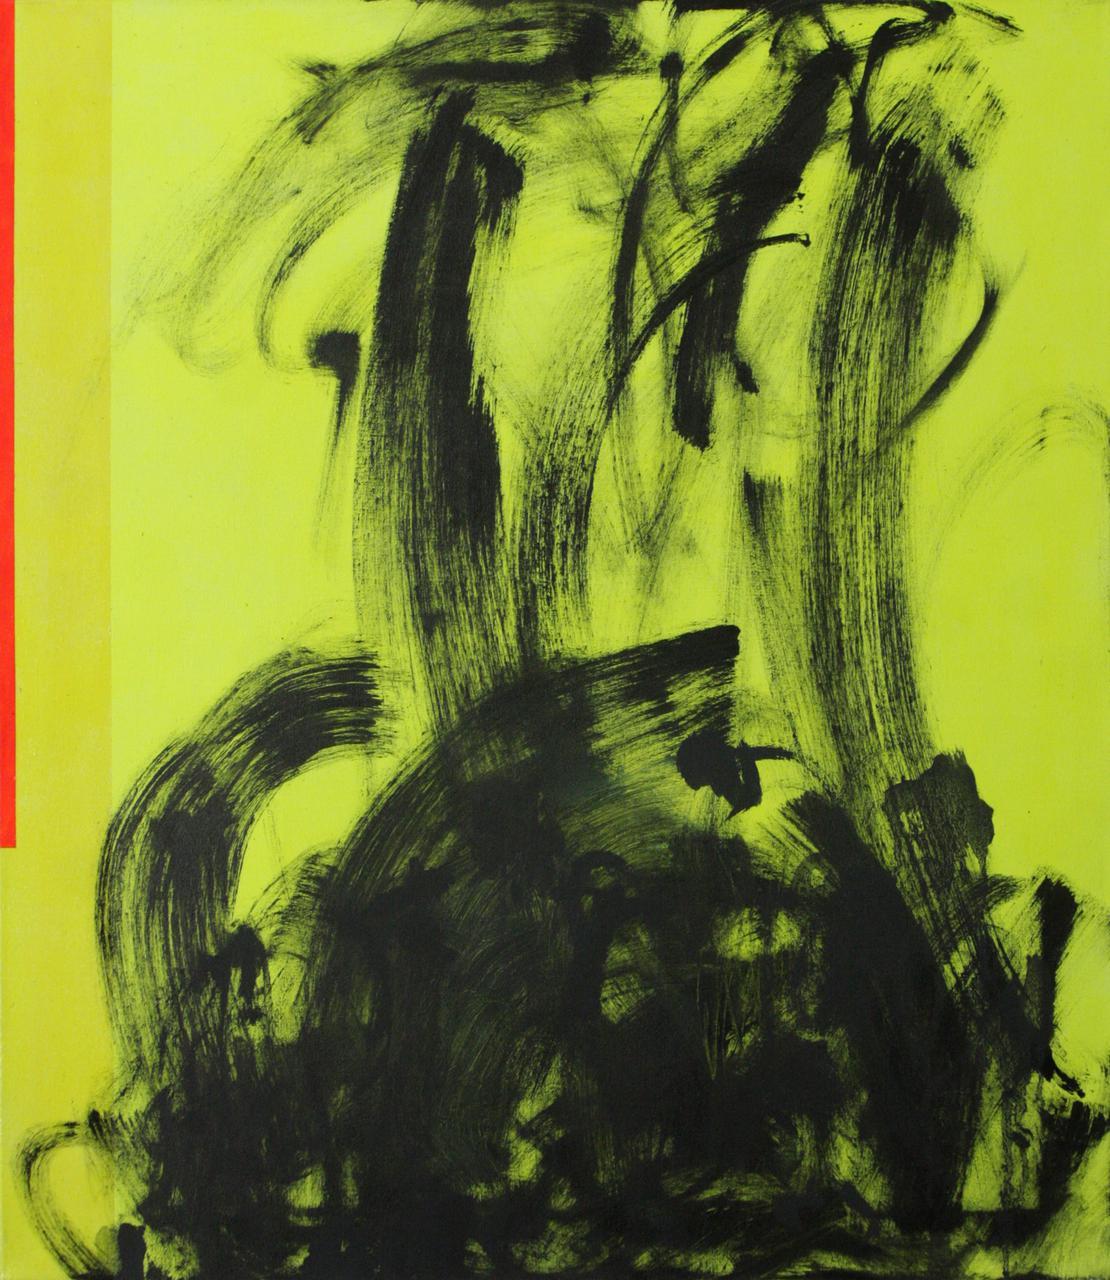 Άτιτλο (Symphonies series III), 2013, λάδι και ακρυλικό σε καμβά, 70Χ60 εκ.